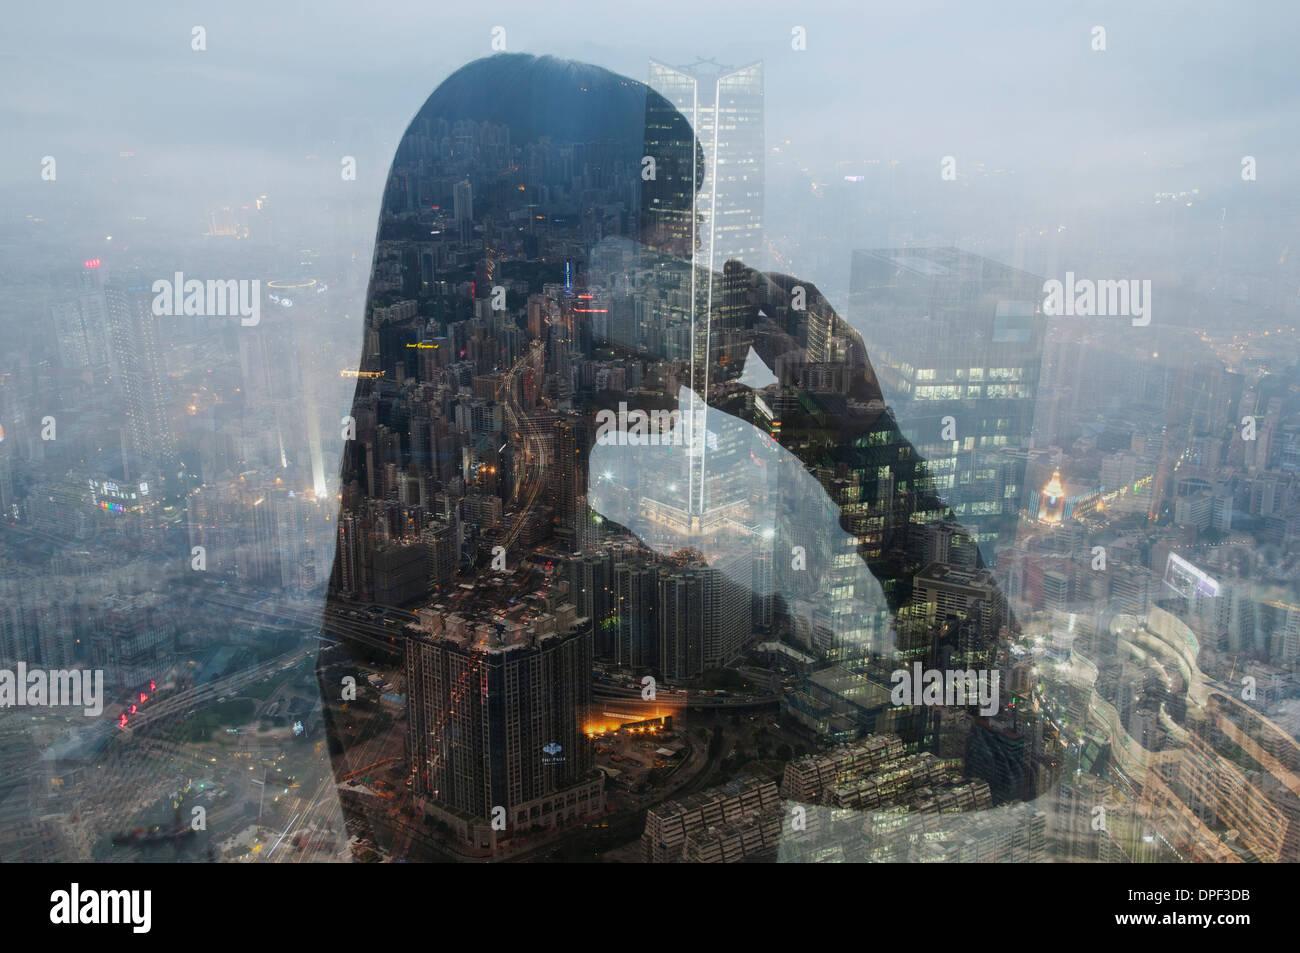 Imprenditrice utilizza lo smartphone e Hong Kong cityscape, immagine composita Immagini Stock